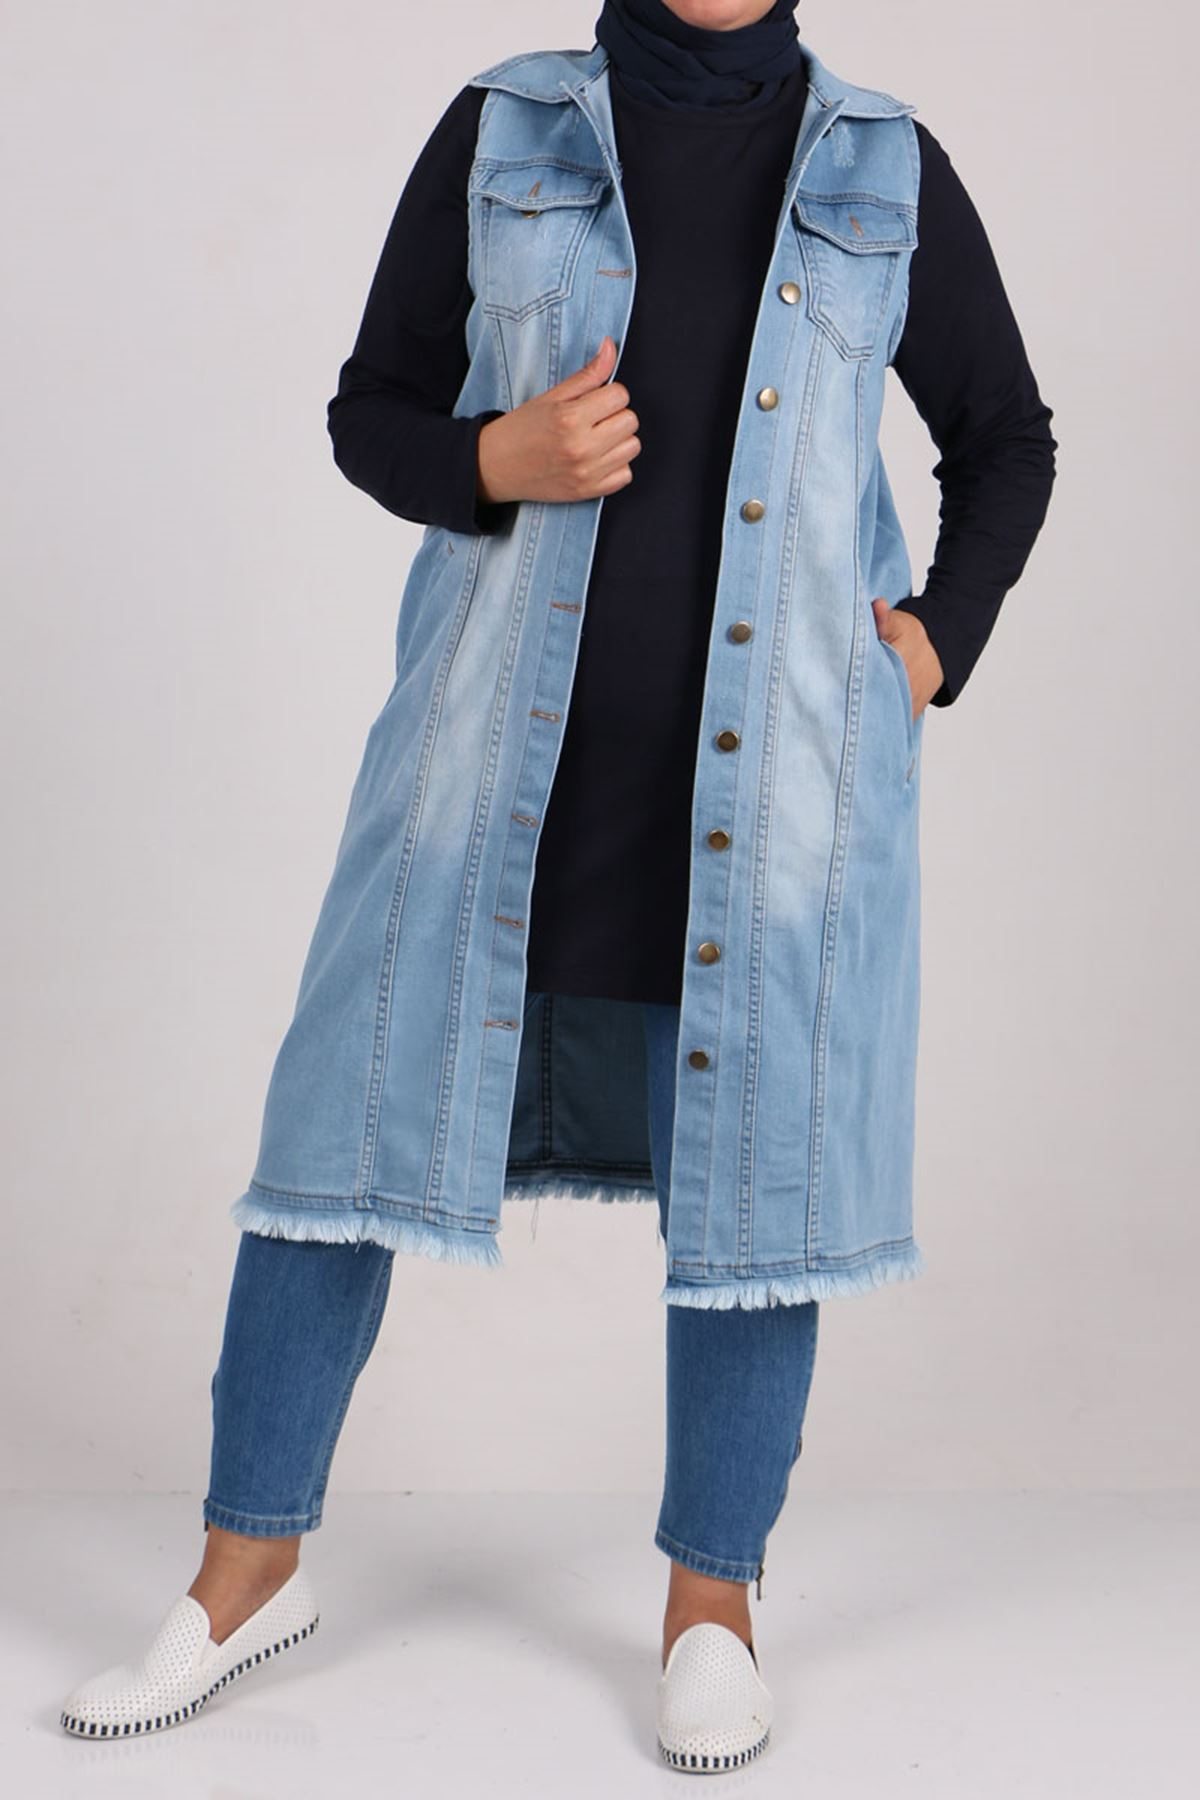 4055 سترة بدون أكمام جينز مقاس كبير - أزرق ثلجي